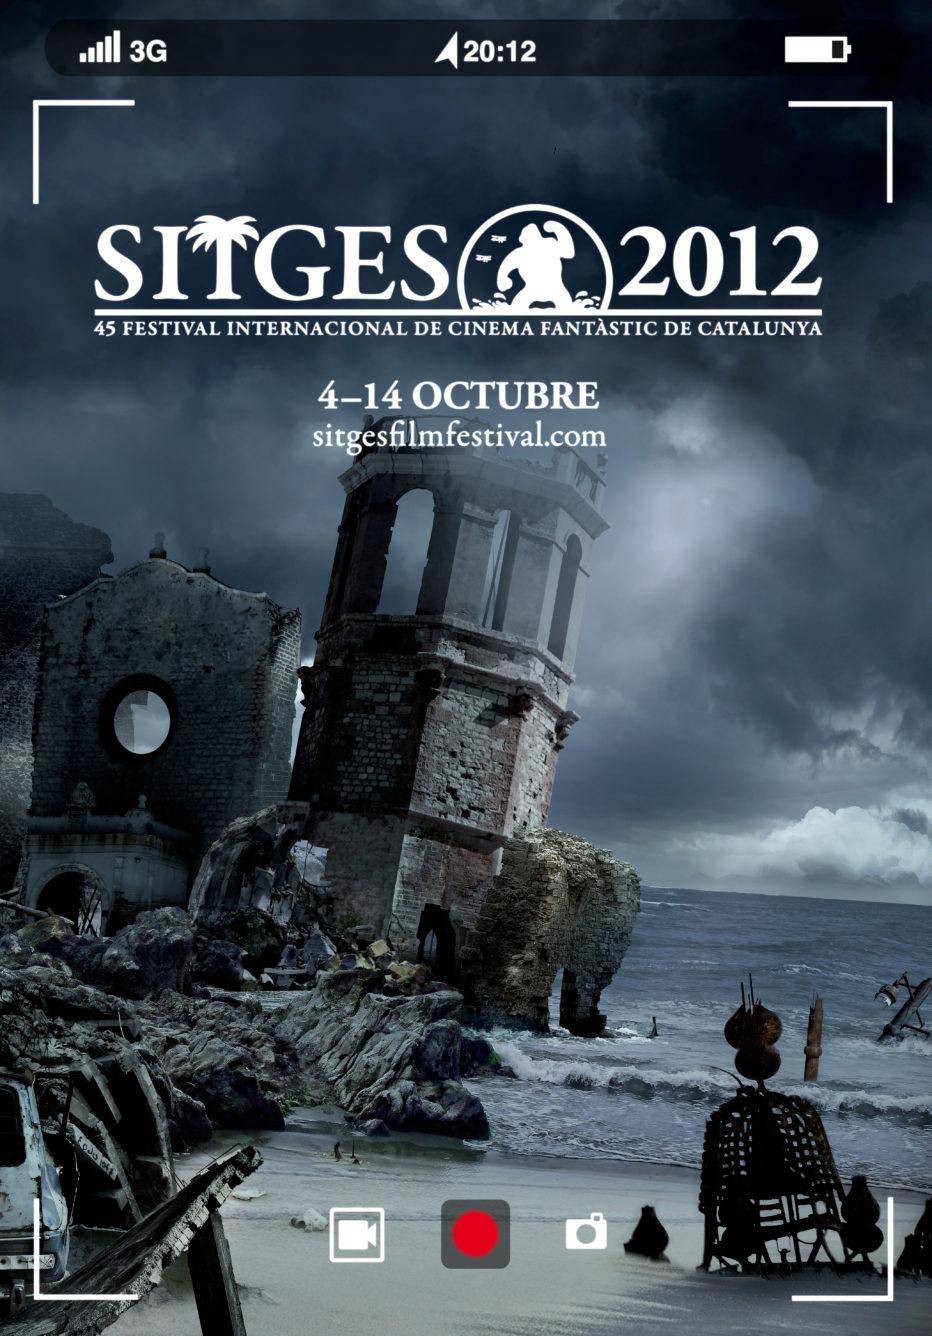 'El Cuerpo', la ópera prima de Oriol Paulo, inaugurará Sitges 2012